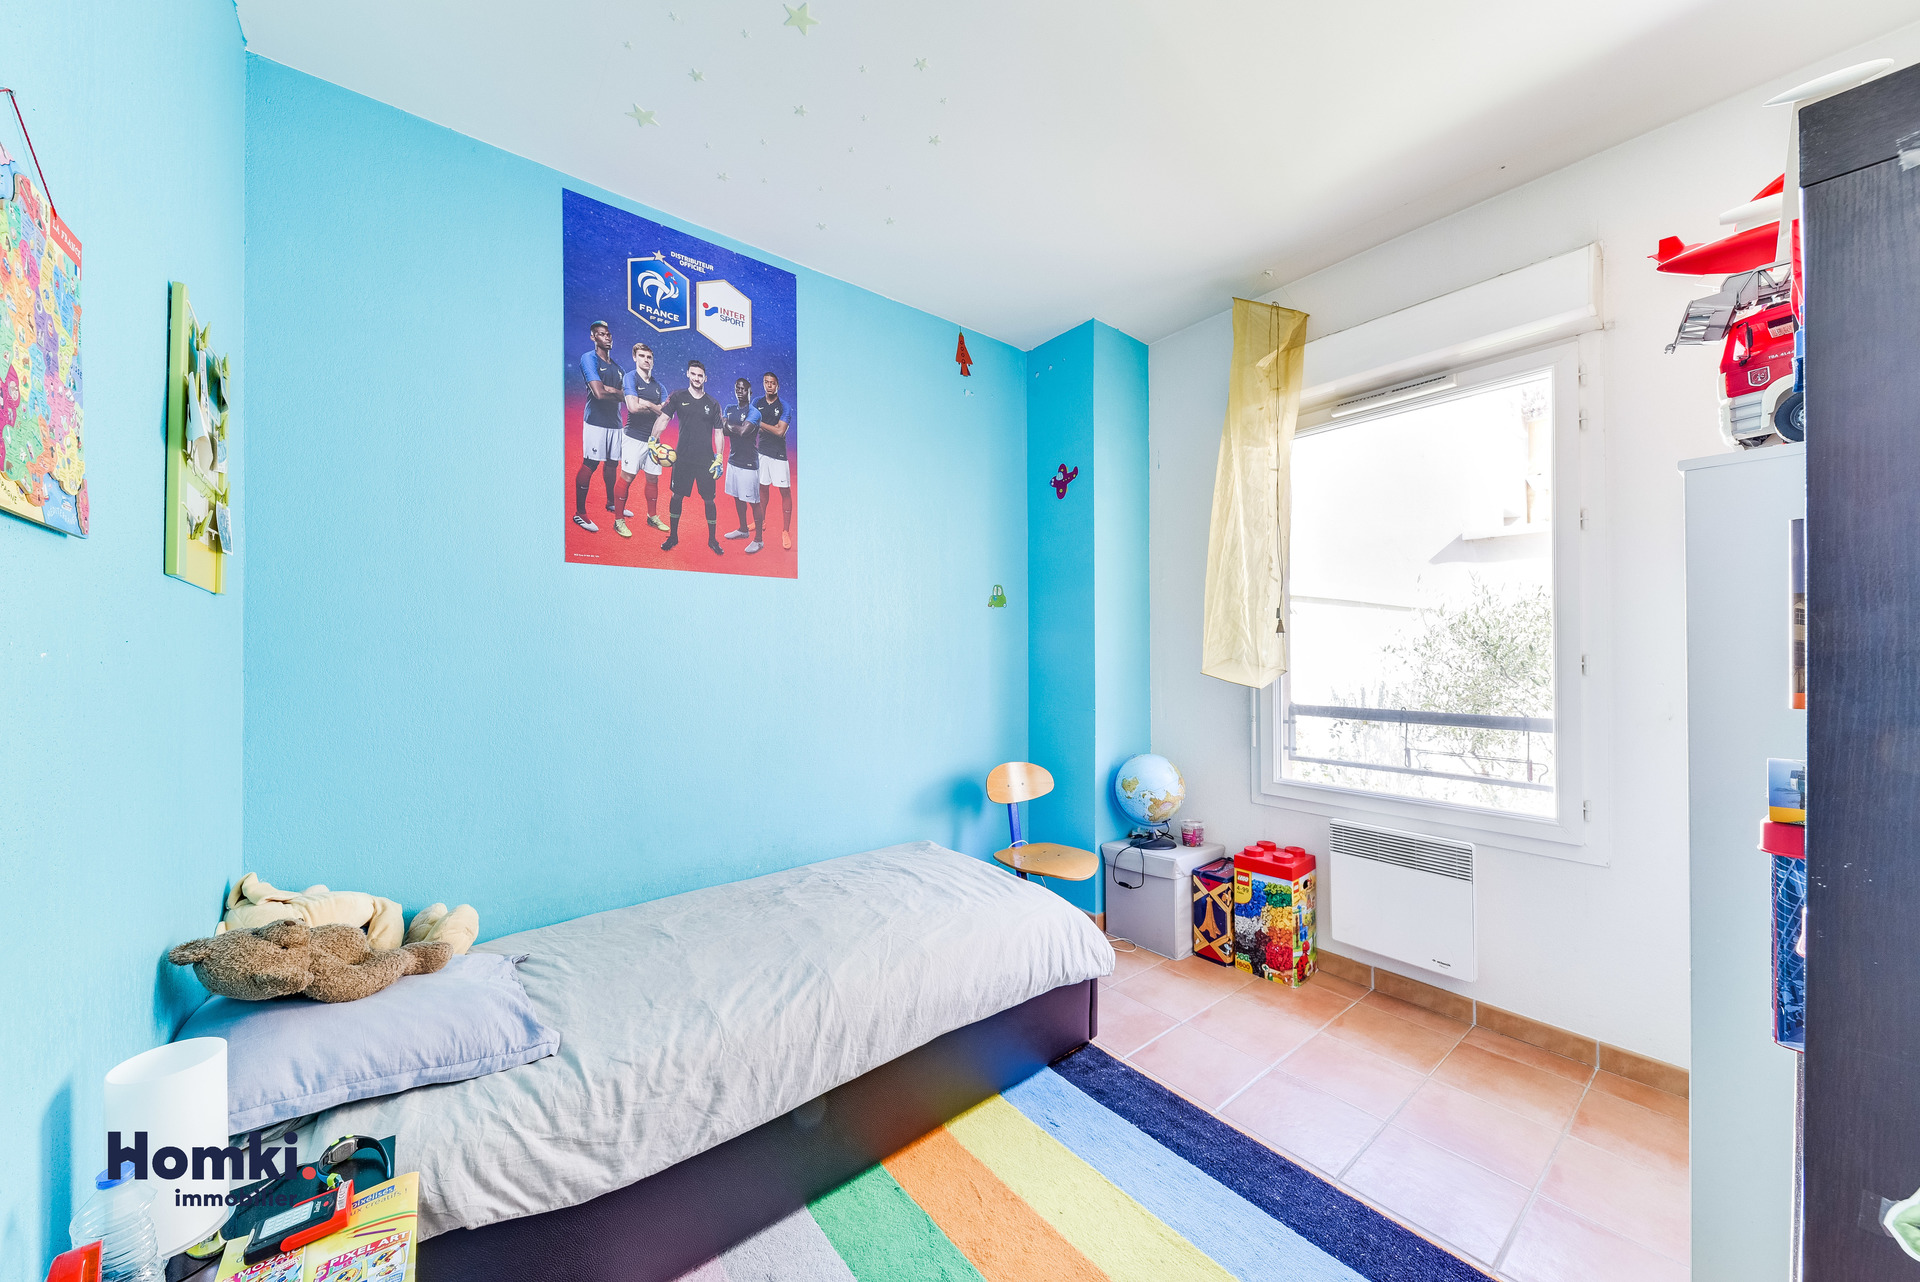 Vente Appartement 105 m² T4 13002_9